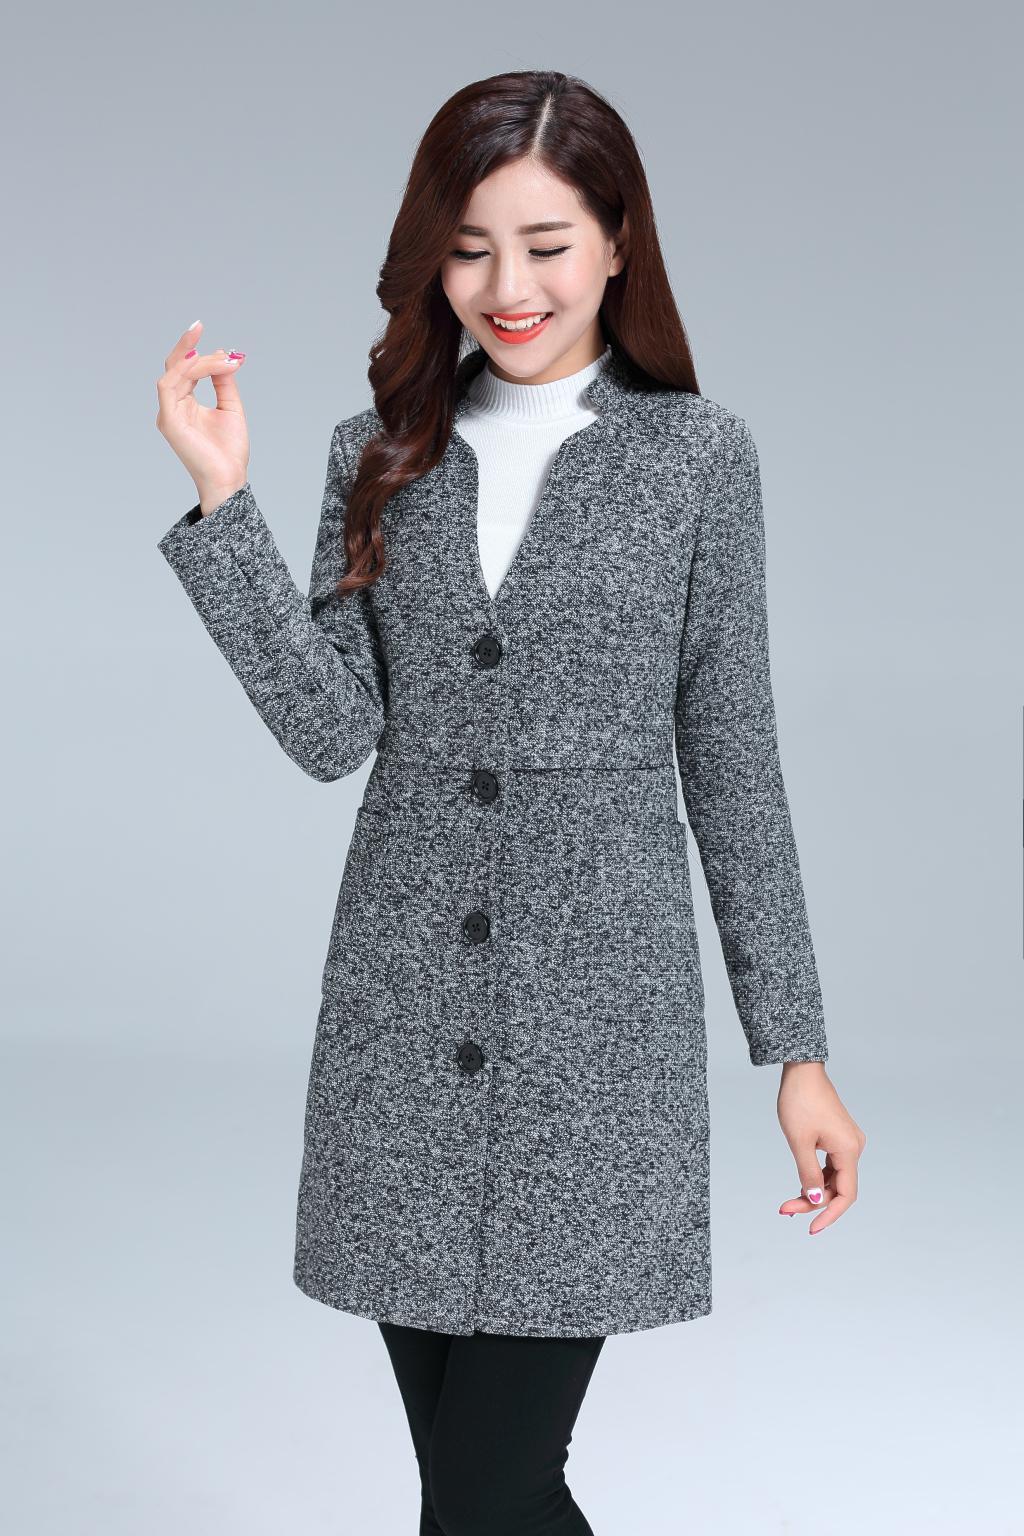 QWSP祺望尚品2016秋冬新款宽松型毛呢针织外套